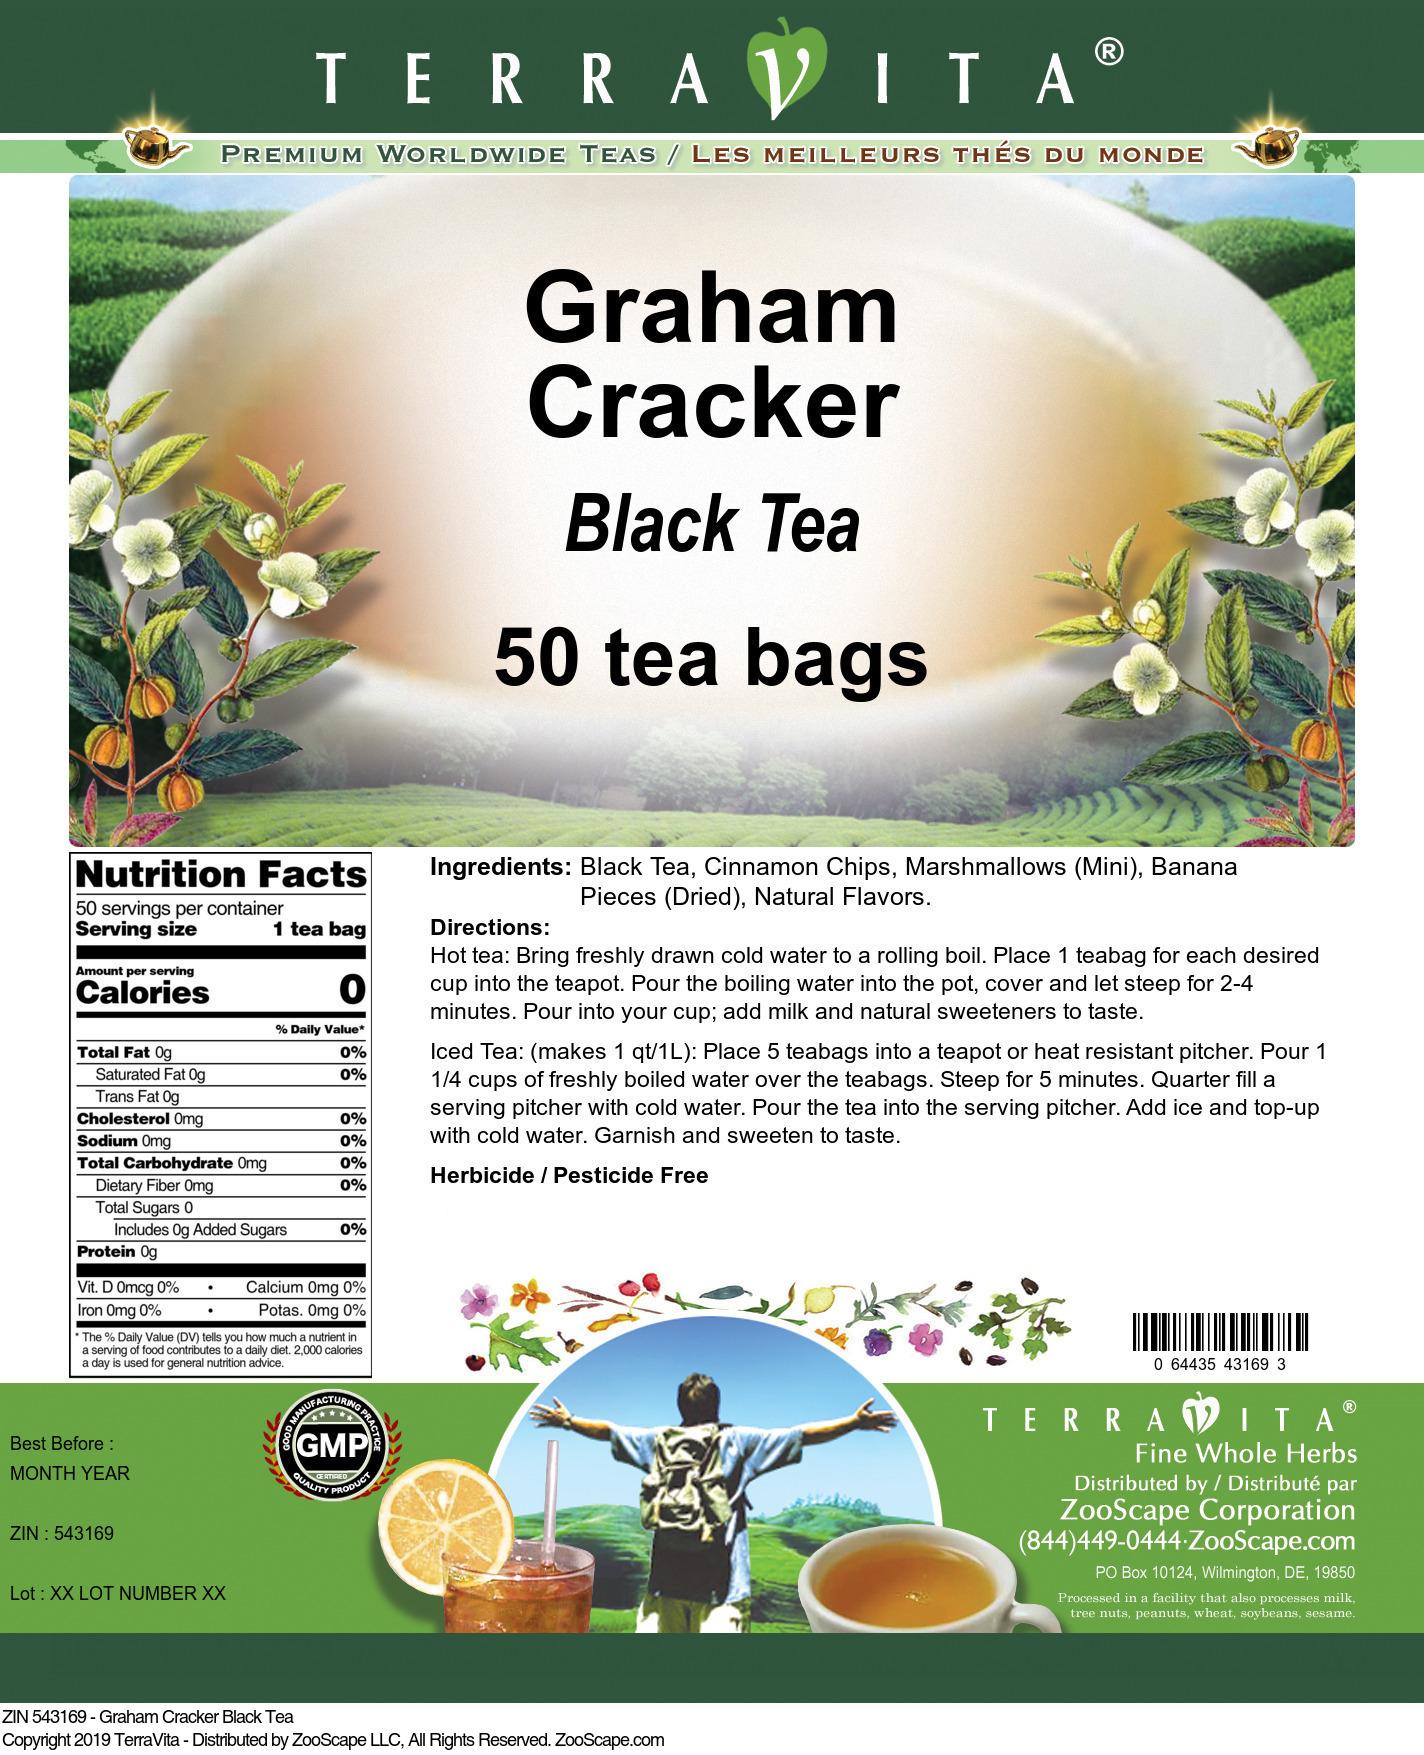 Graham Cracker Black Tea